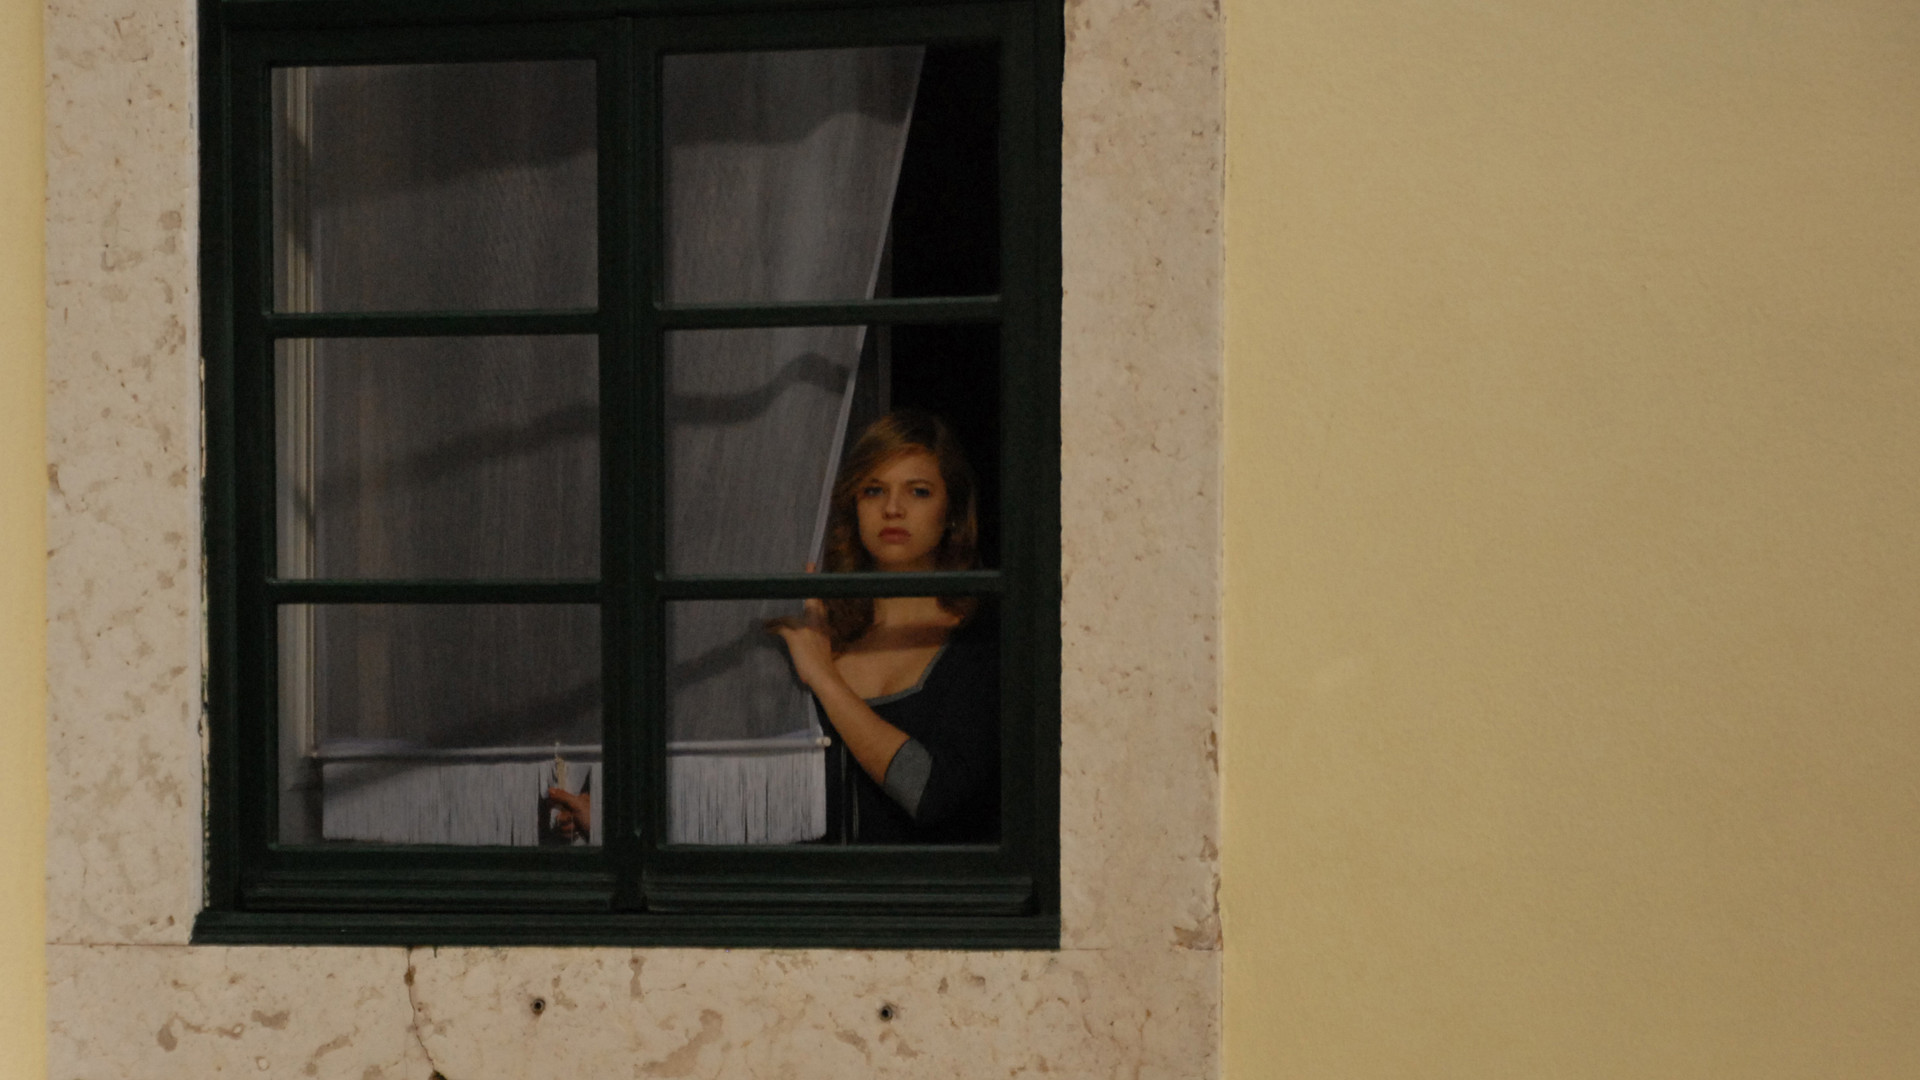 девушки подсматривать в окна домов потому, статья